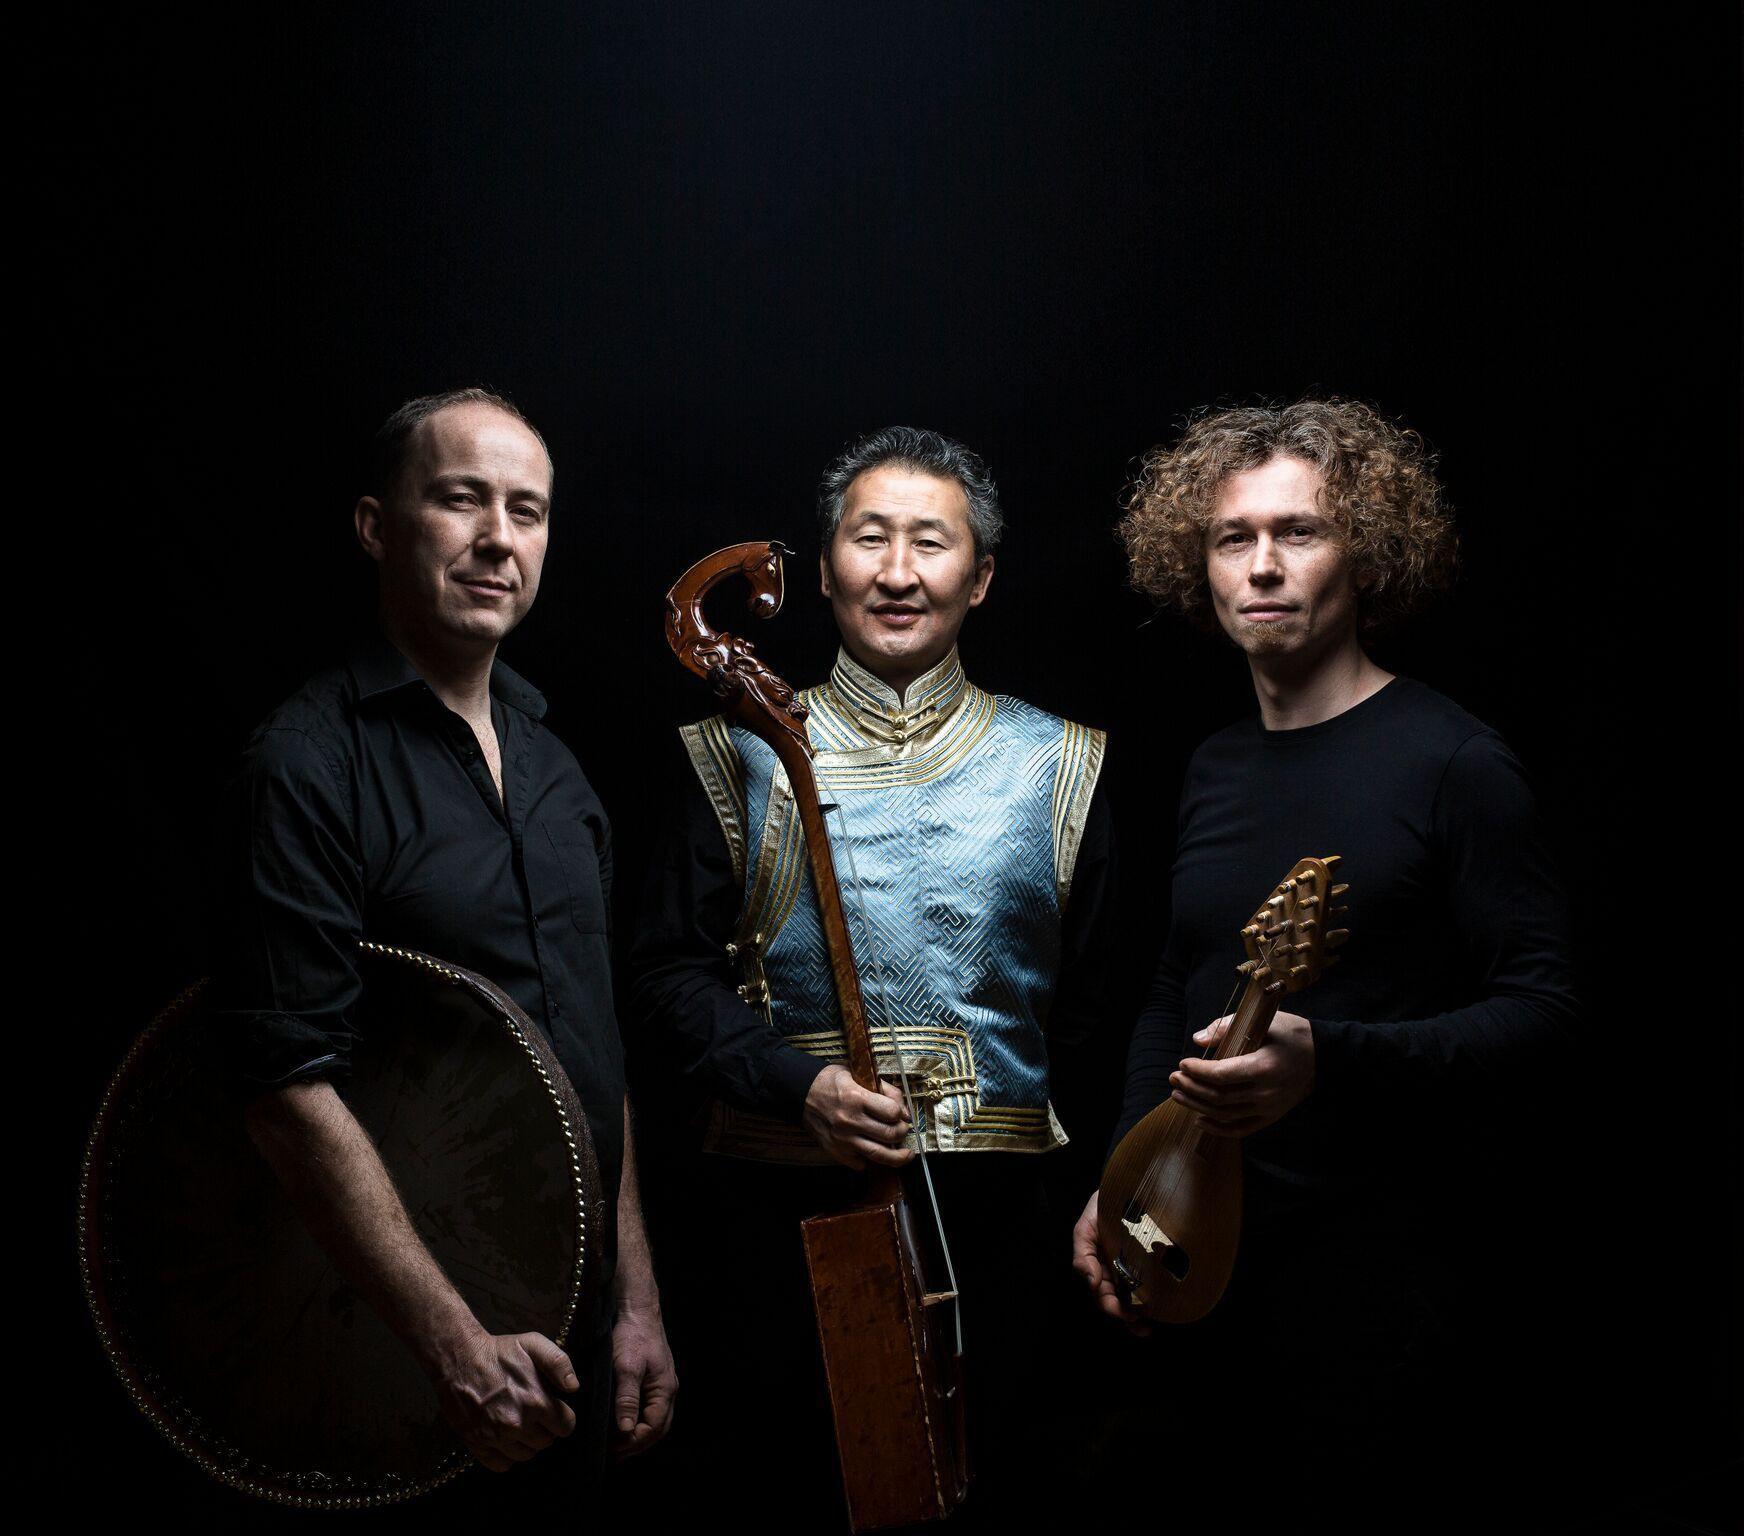 Concerto violons barbares